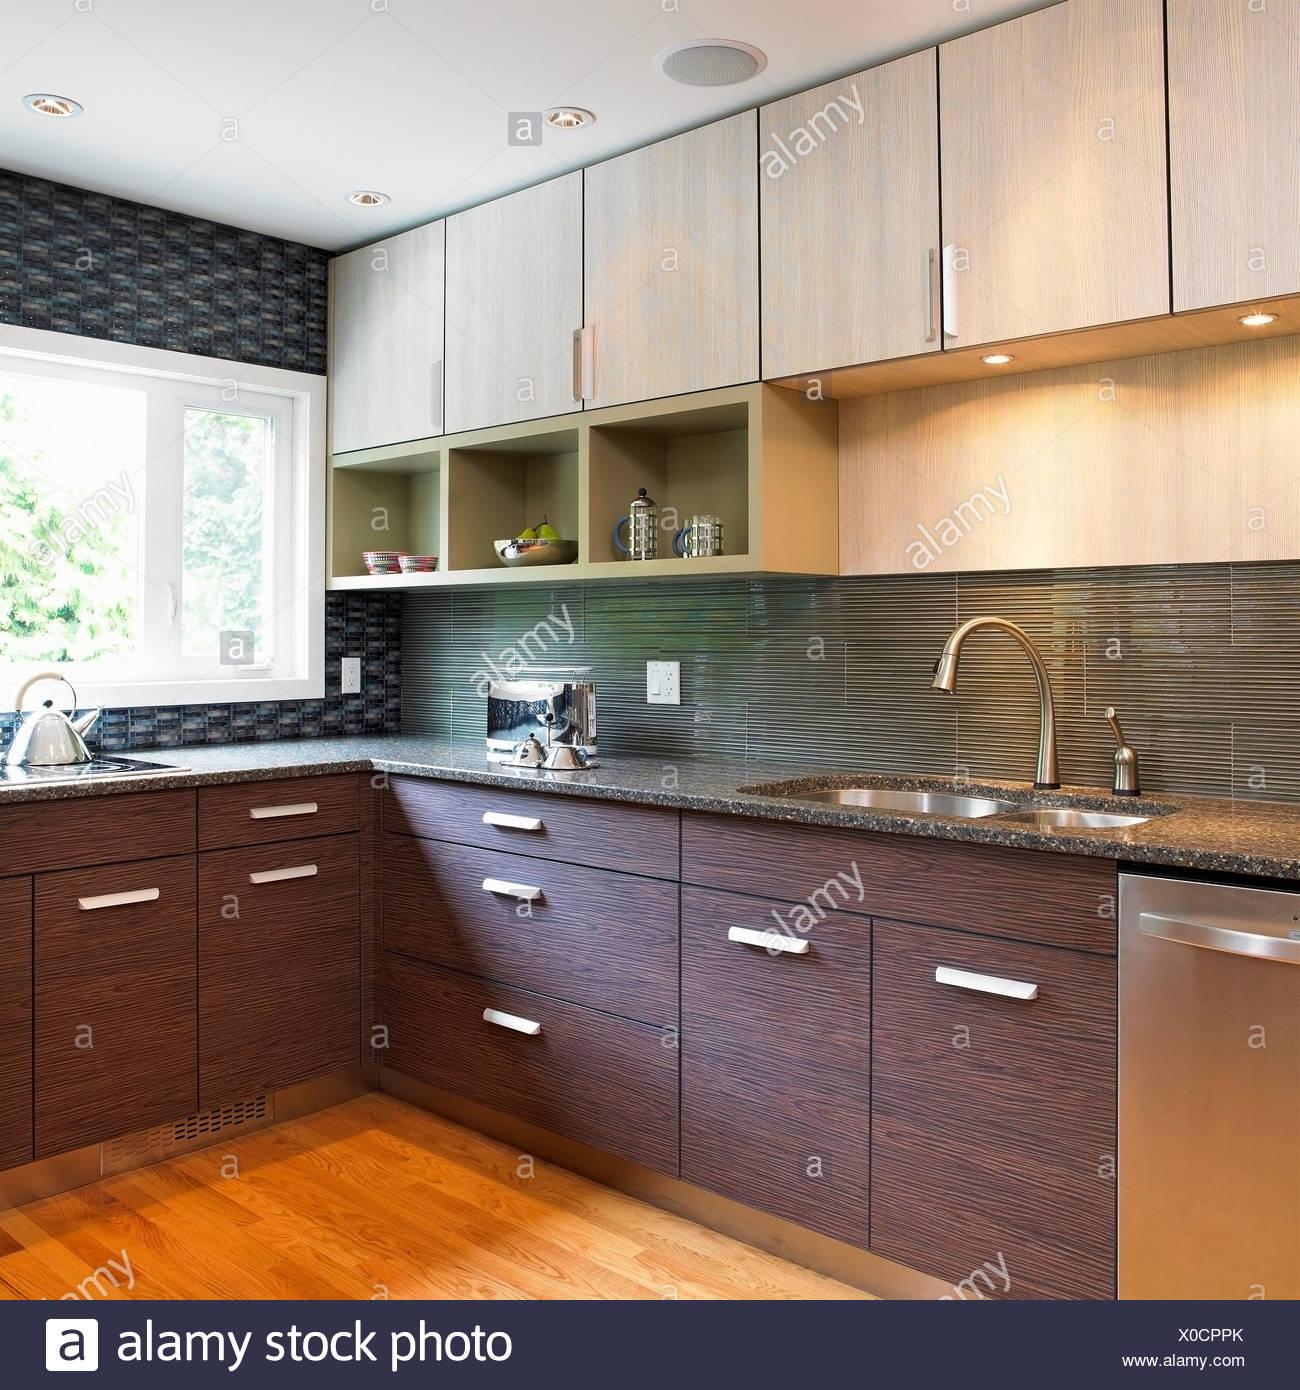 Küche mit blauen Fliesen Backsplash und Holz Laminat Schränke ...